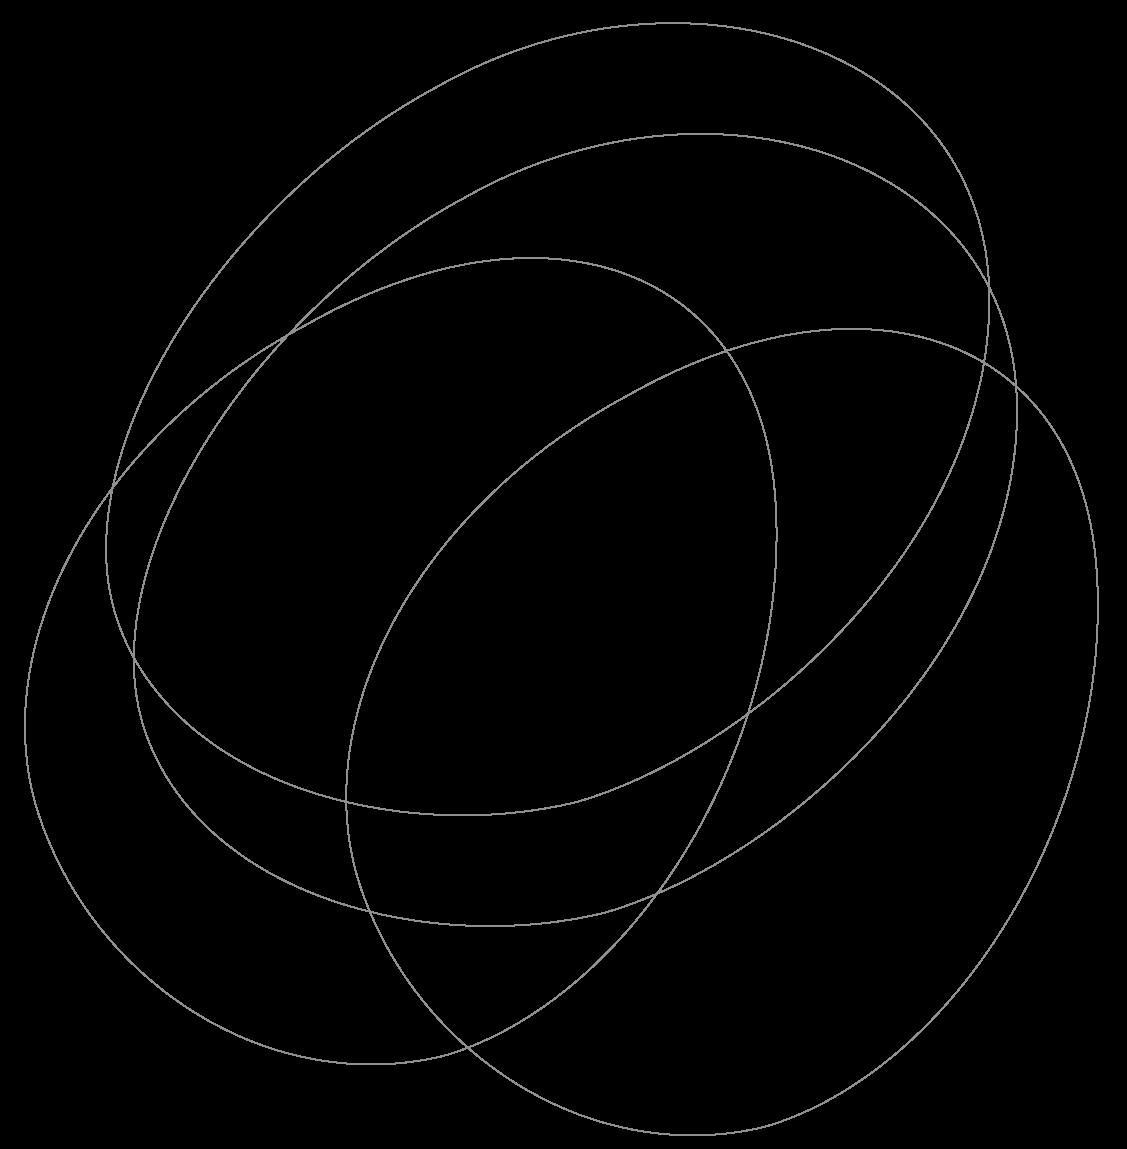 grands cercles fins_NB.png